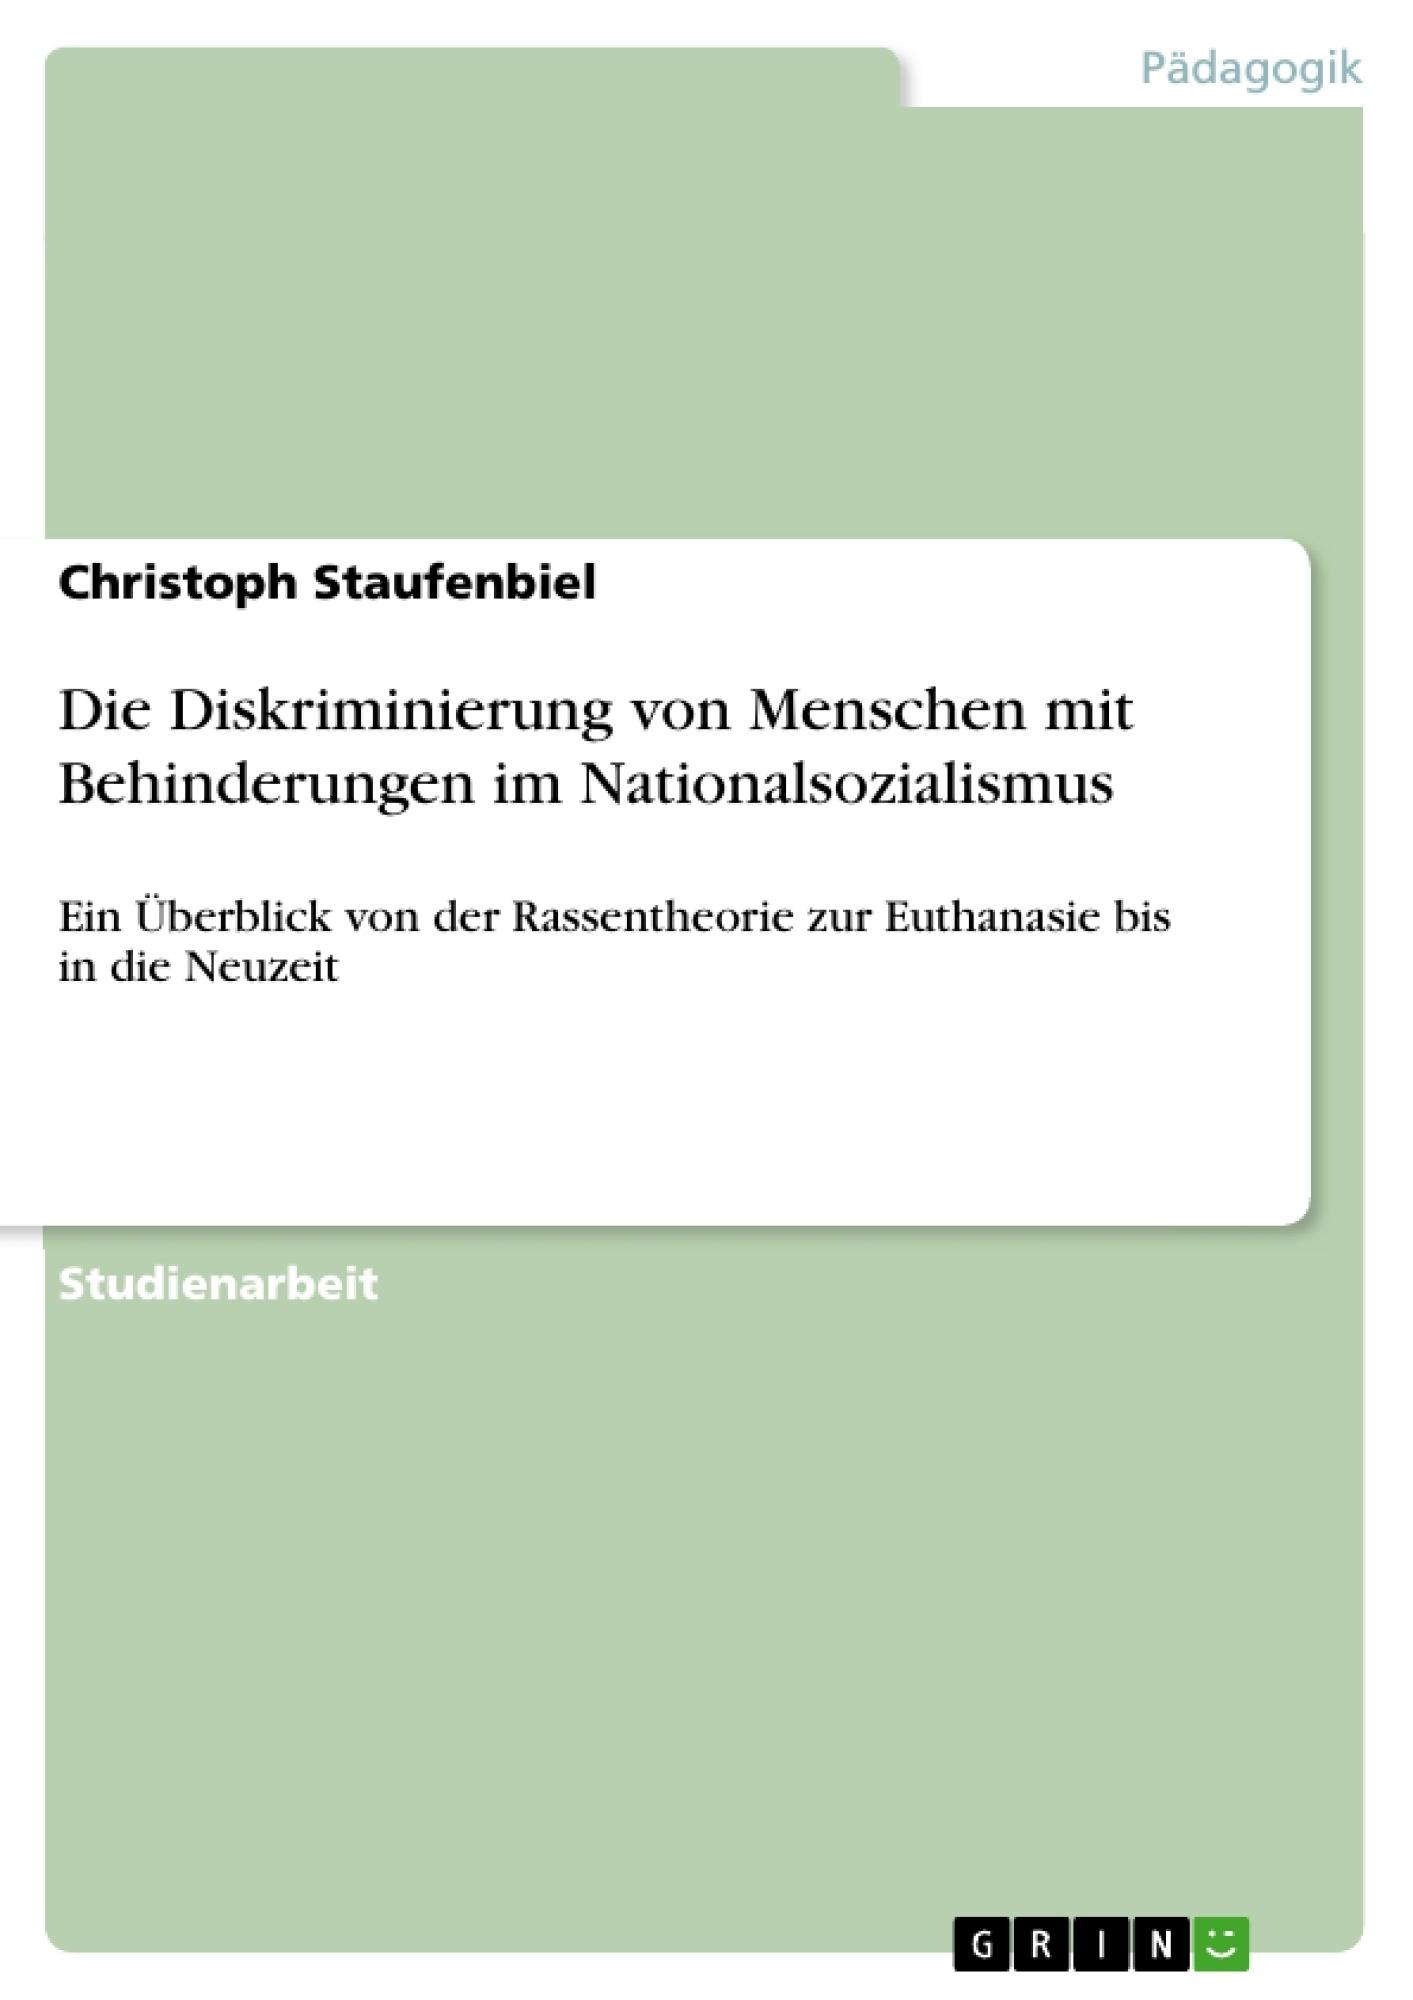 Titel: Die Diskriminierung von Menschen mit Behinderungen  im Nationalsozialismus